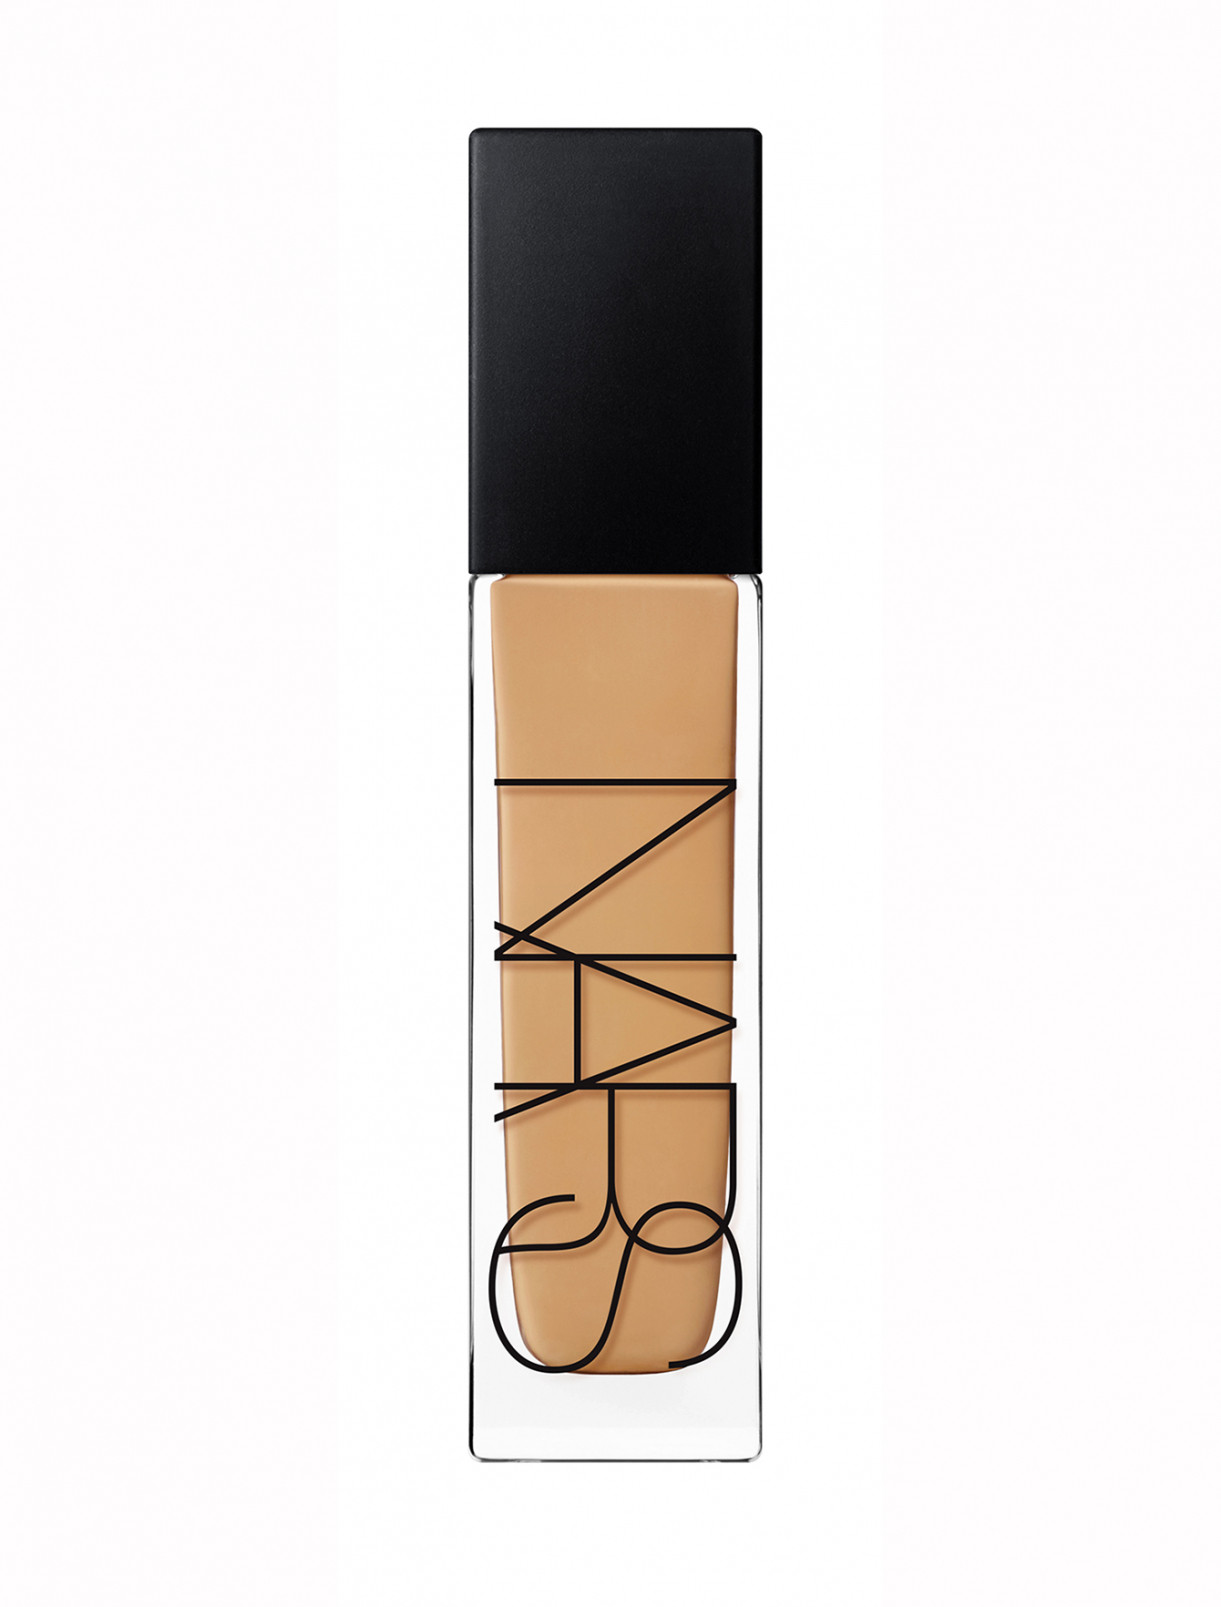 Стойкий тональный крем SYRACUSE 30 мл Makeup NARS  –  Общий вид